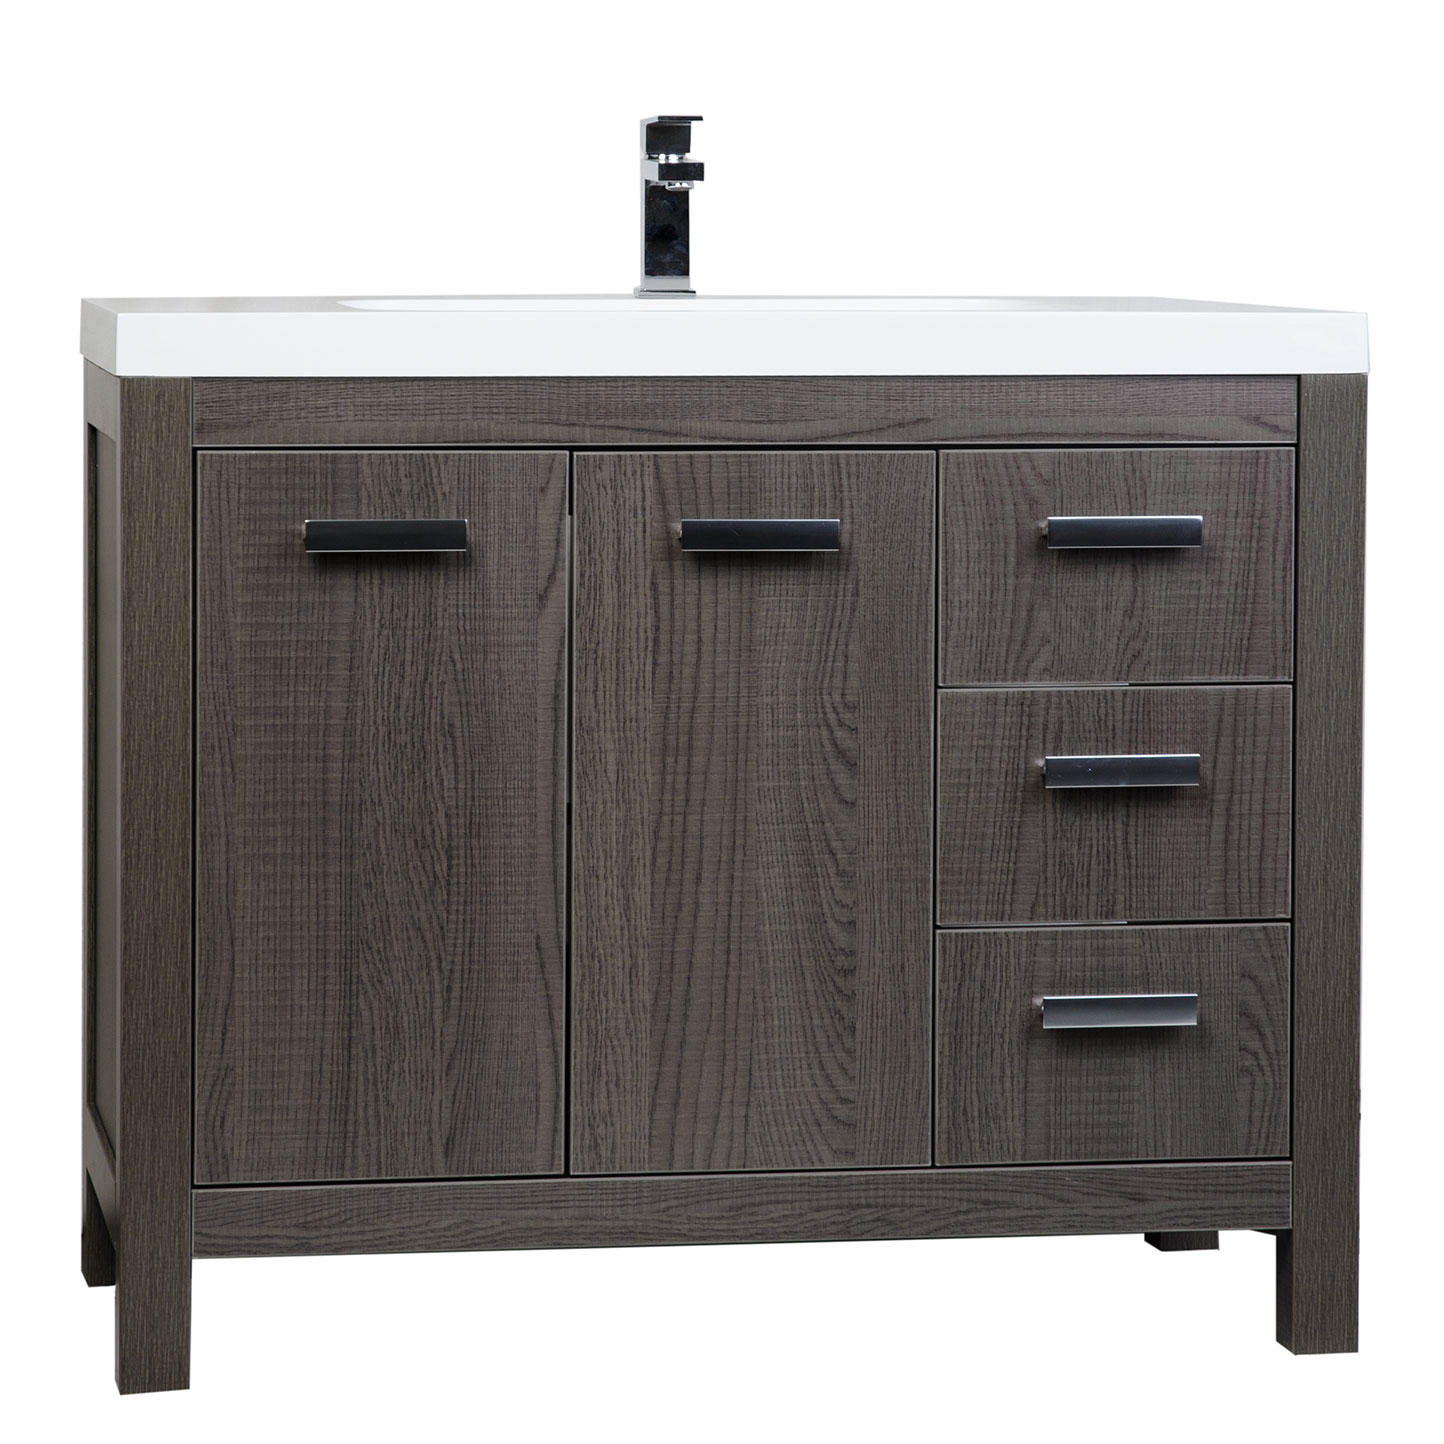 Modern Bathroom Vanity Buy 395 Inch Modern Bathroom Vanity In Oak Optional Mirror Rs